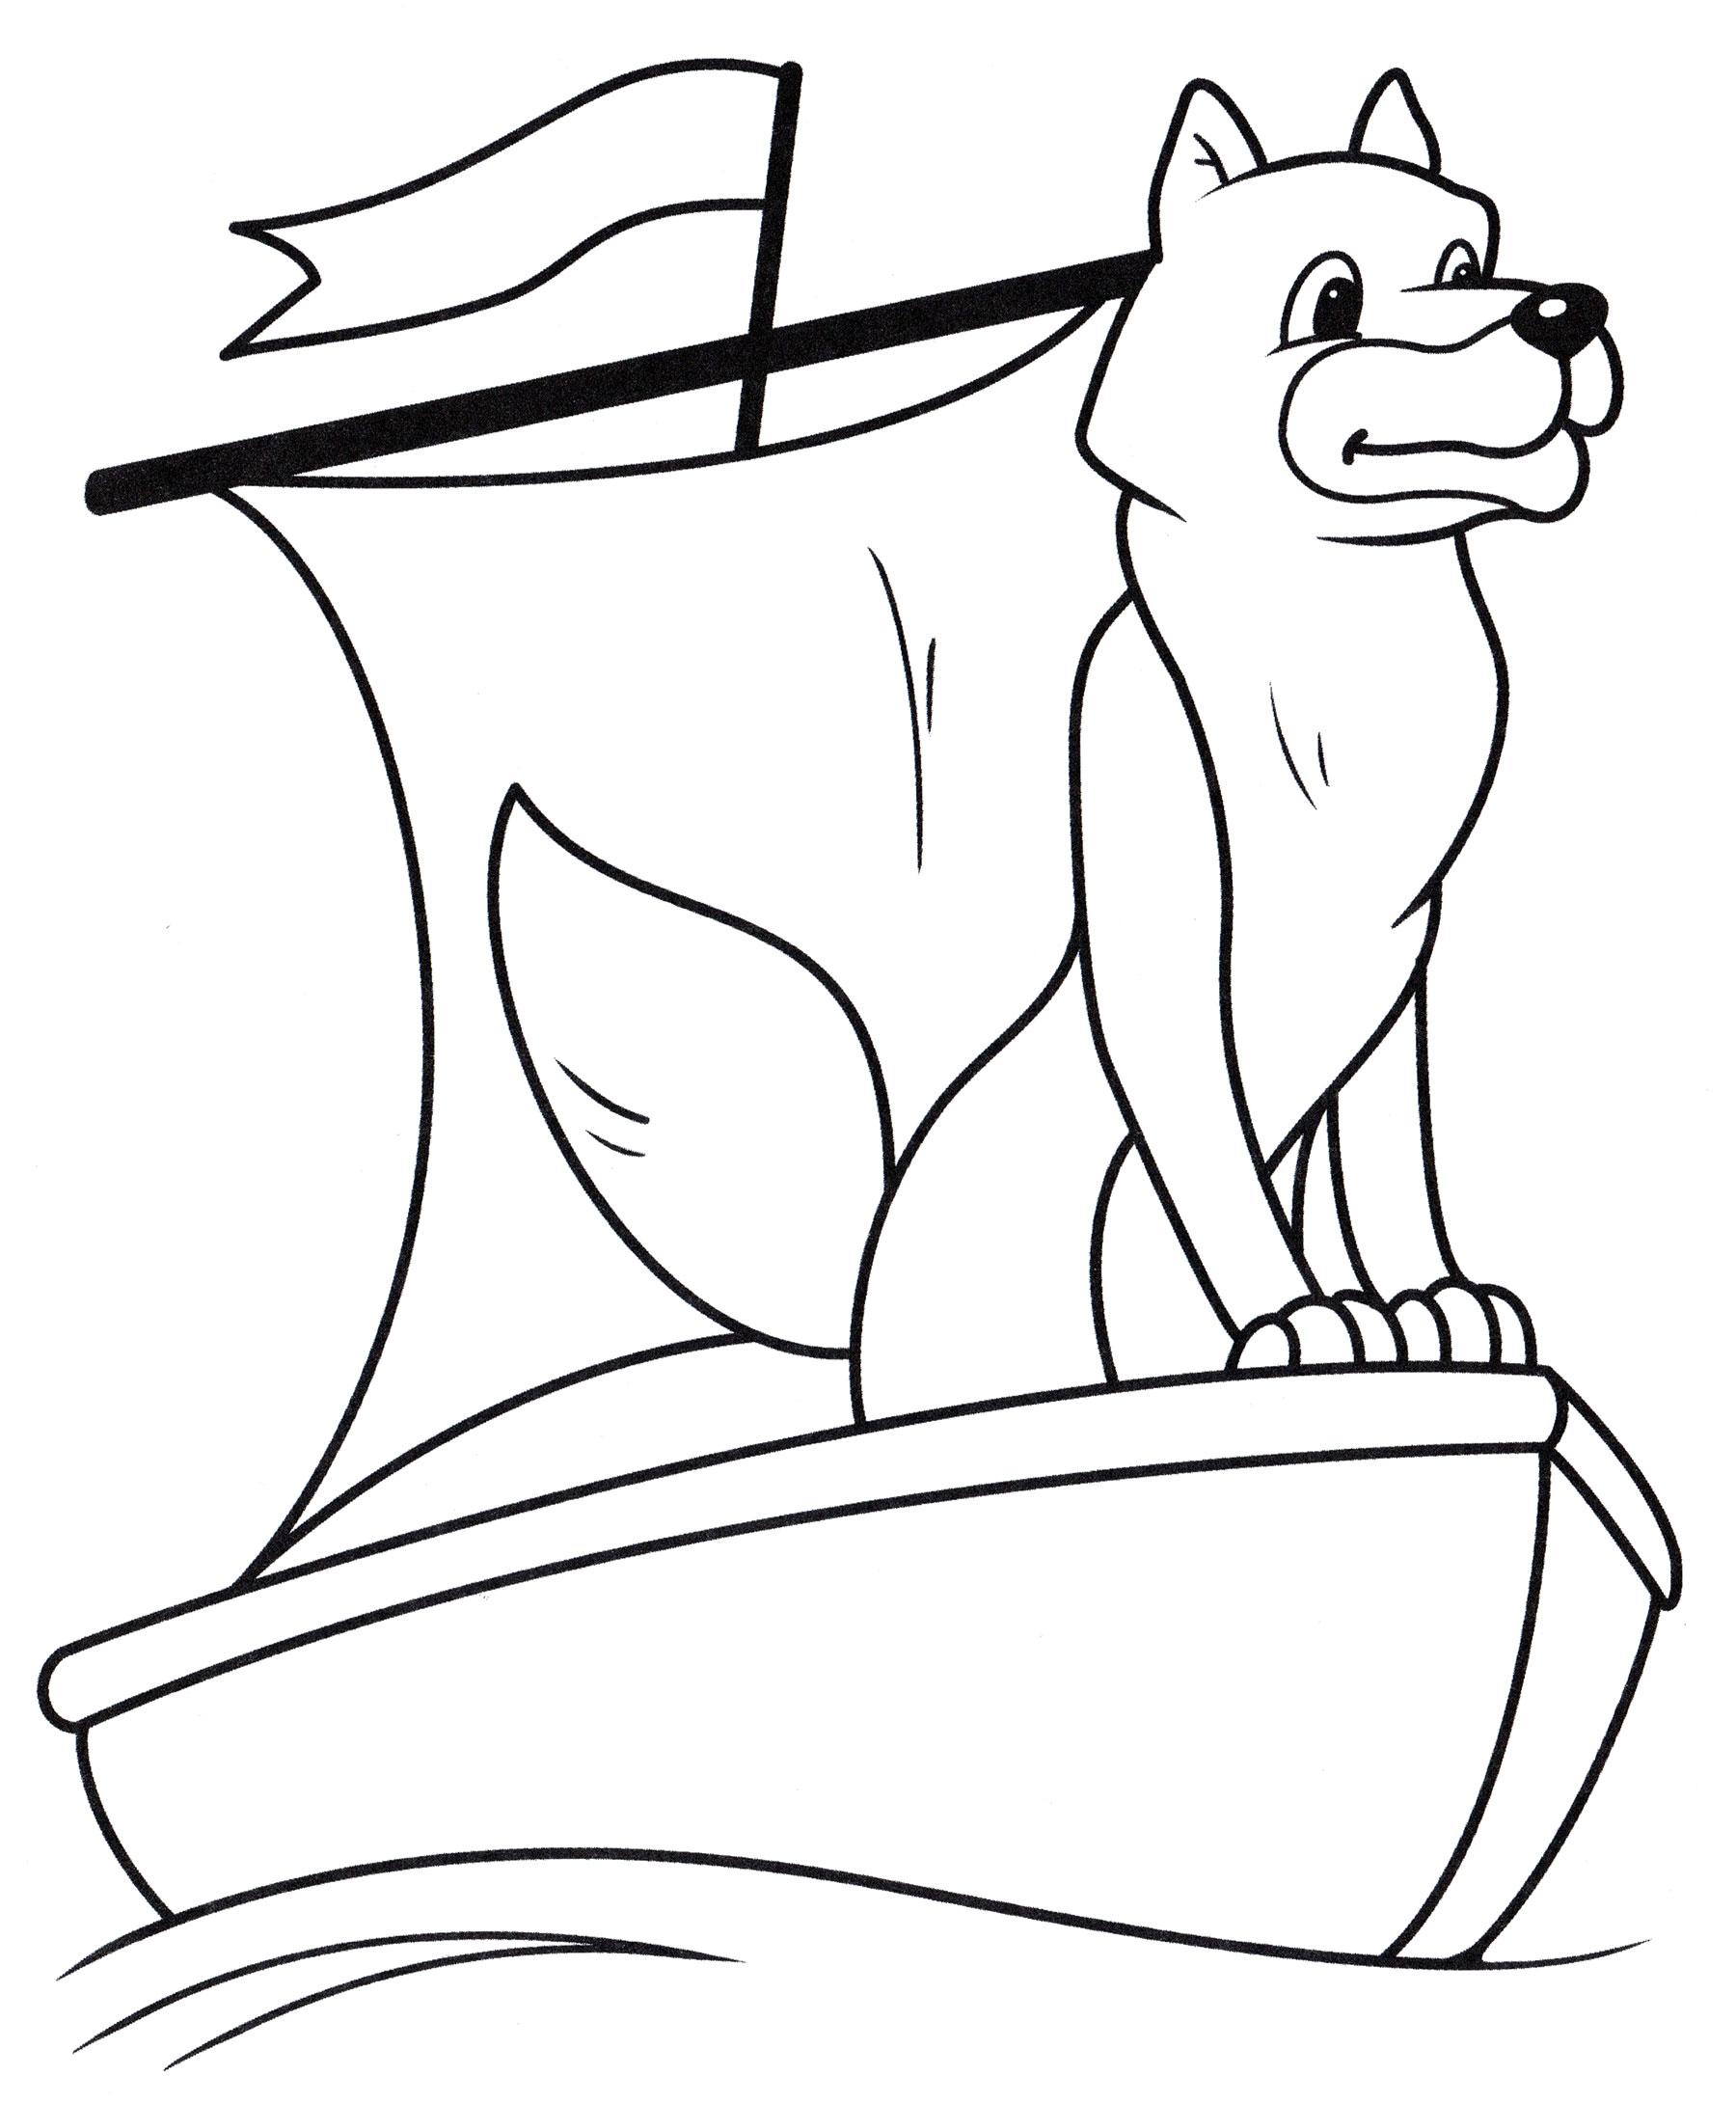 Раскраска Волк на лодке - распечатать бесплатно